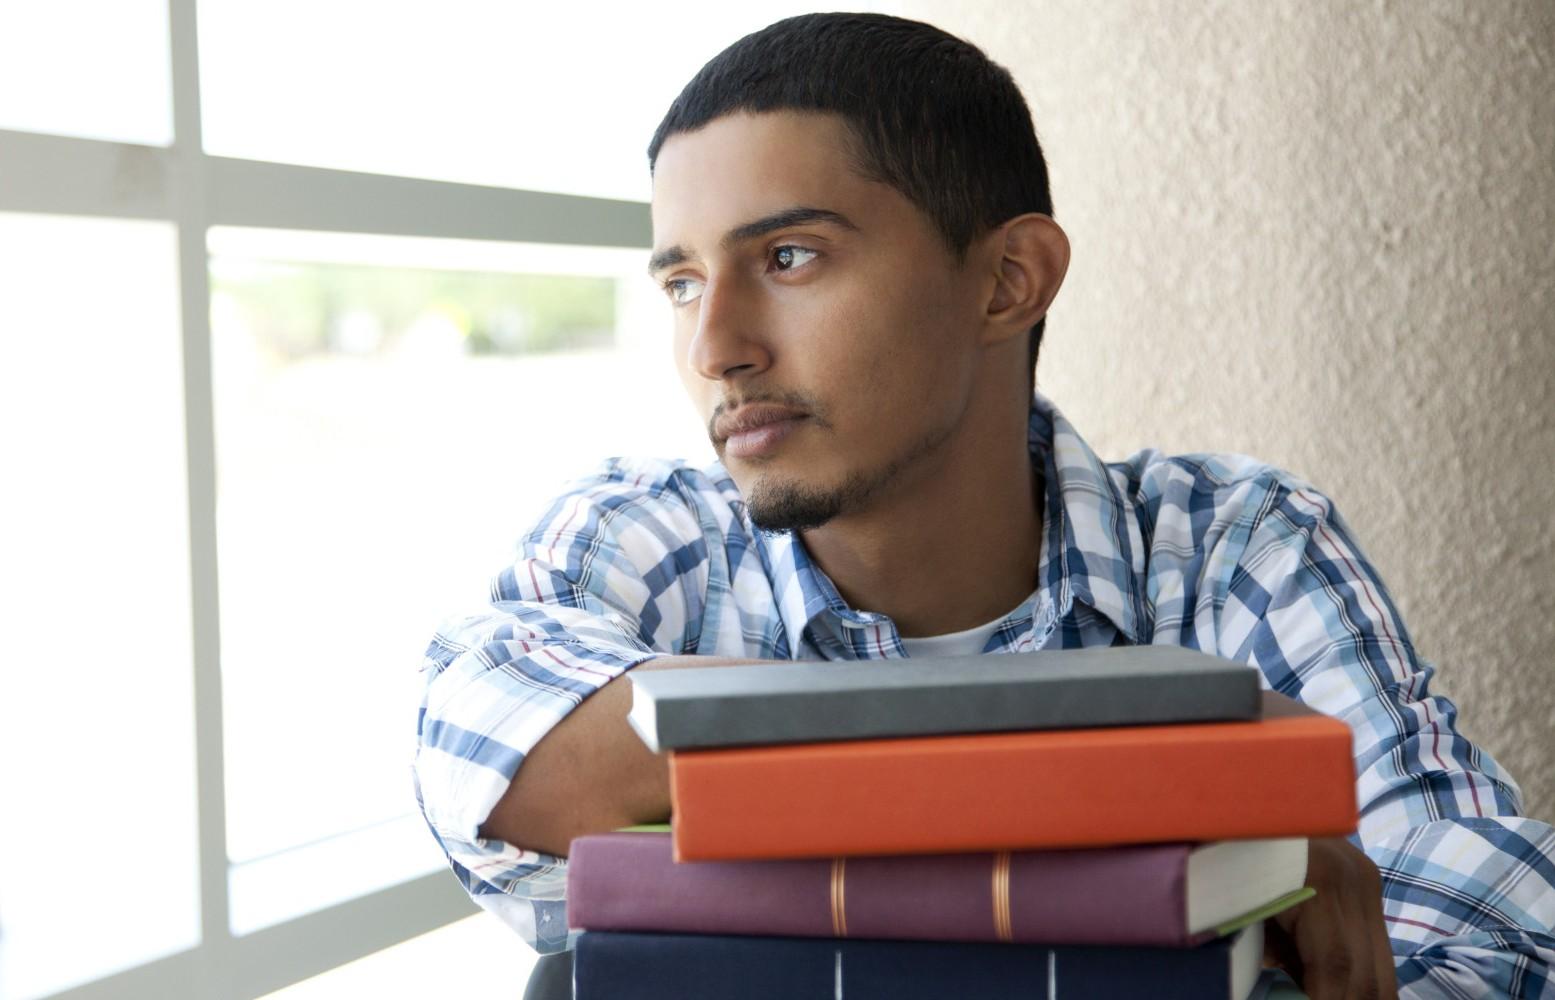 چرا افراد تحصیلکرده افسردهتر هستند؟